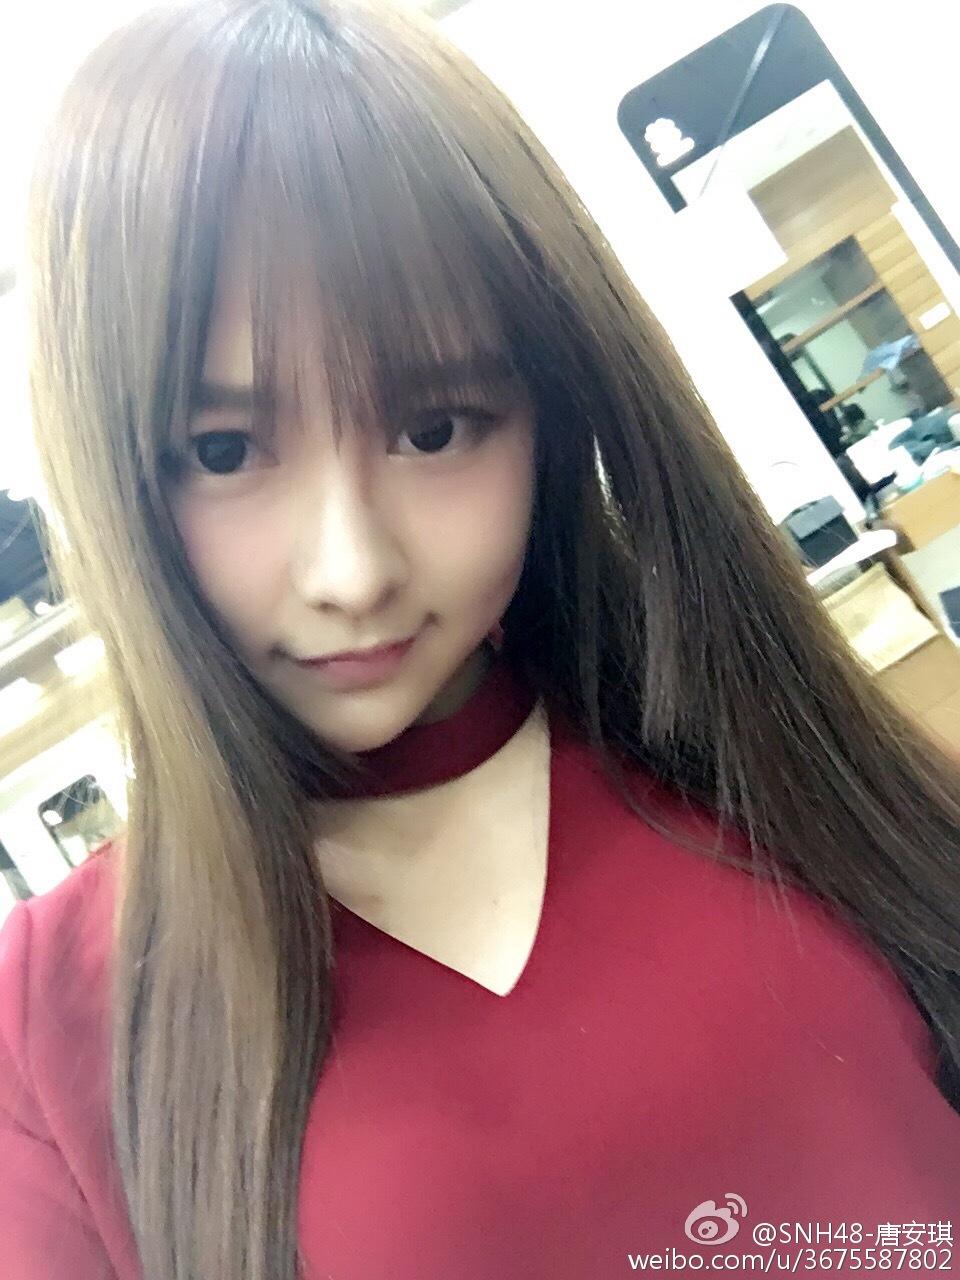 【回復祈る】SNH48唐安琪(タン・アンチー)が喫茶店火事で重傷